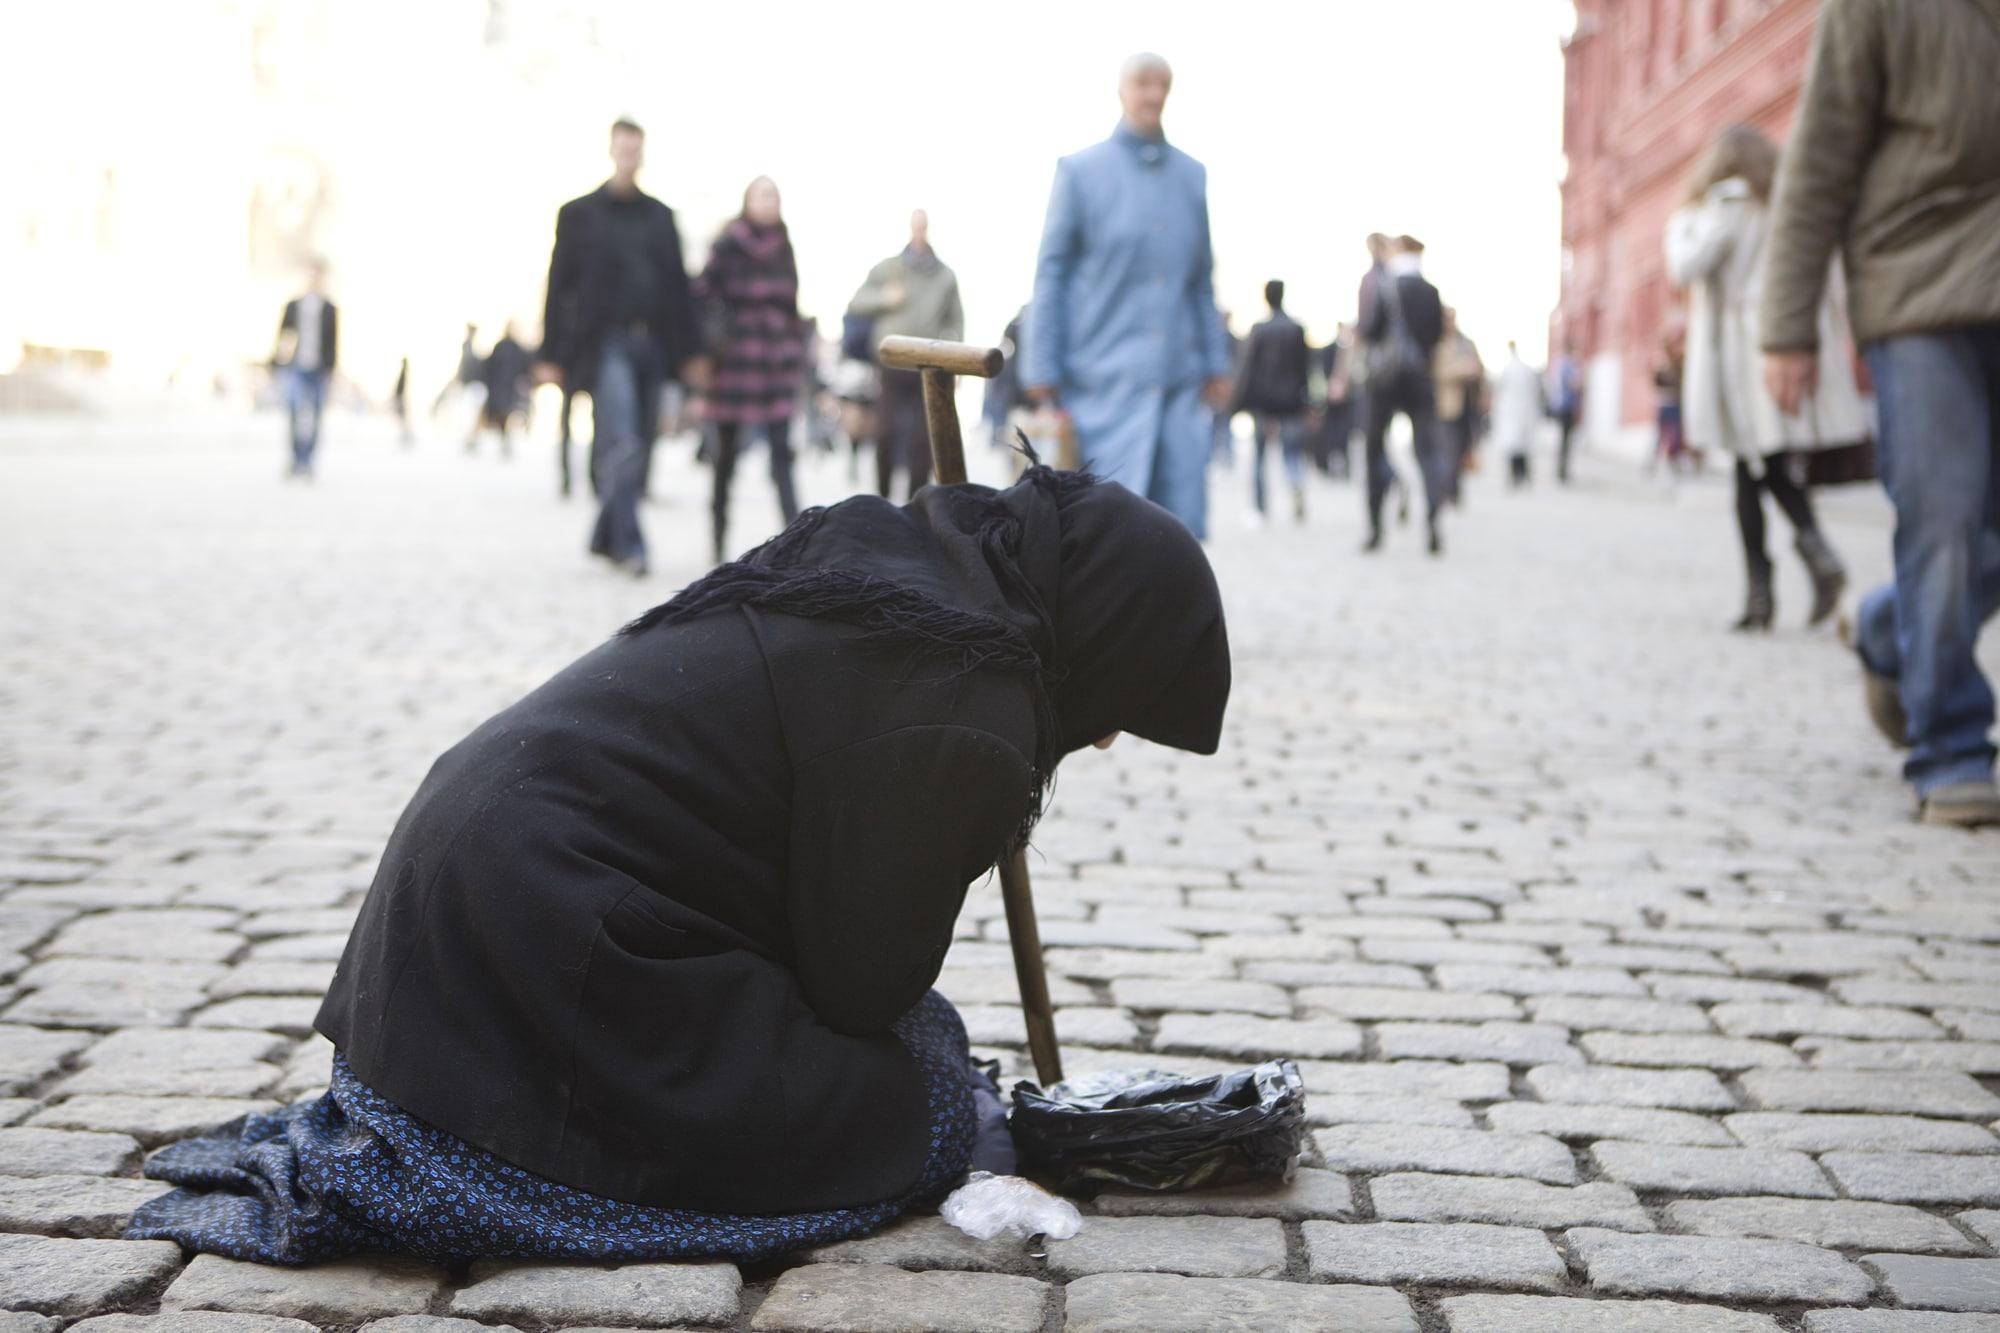 В России 19 миллионов бедных, но смогут ли власти что-то с этим сделать? Мы спросили у экспертов